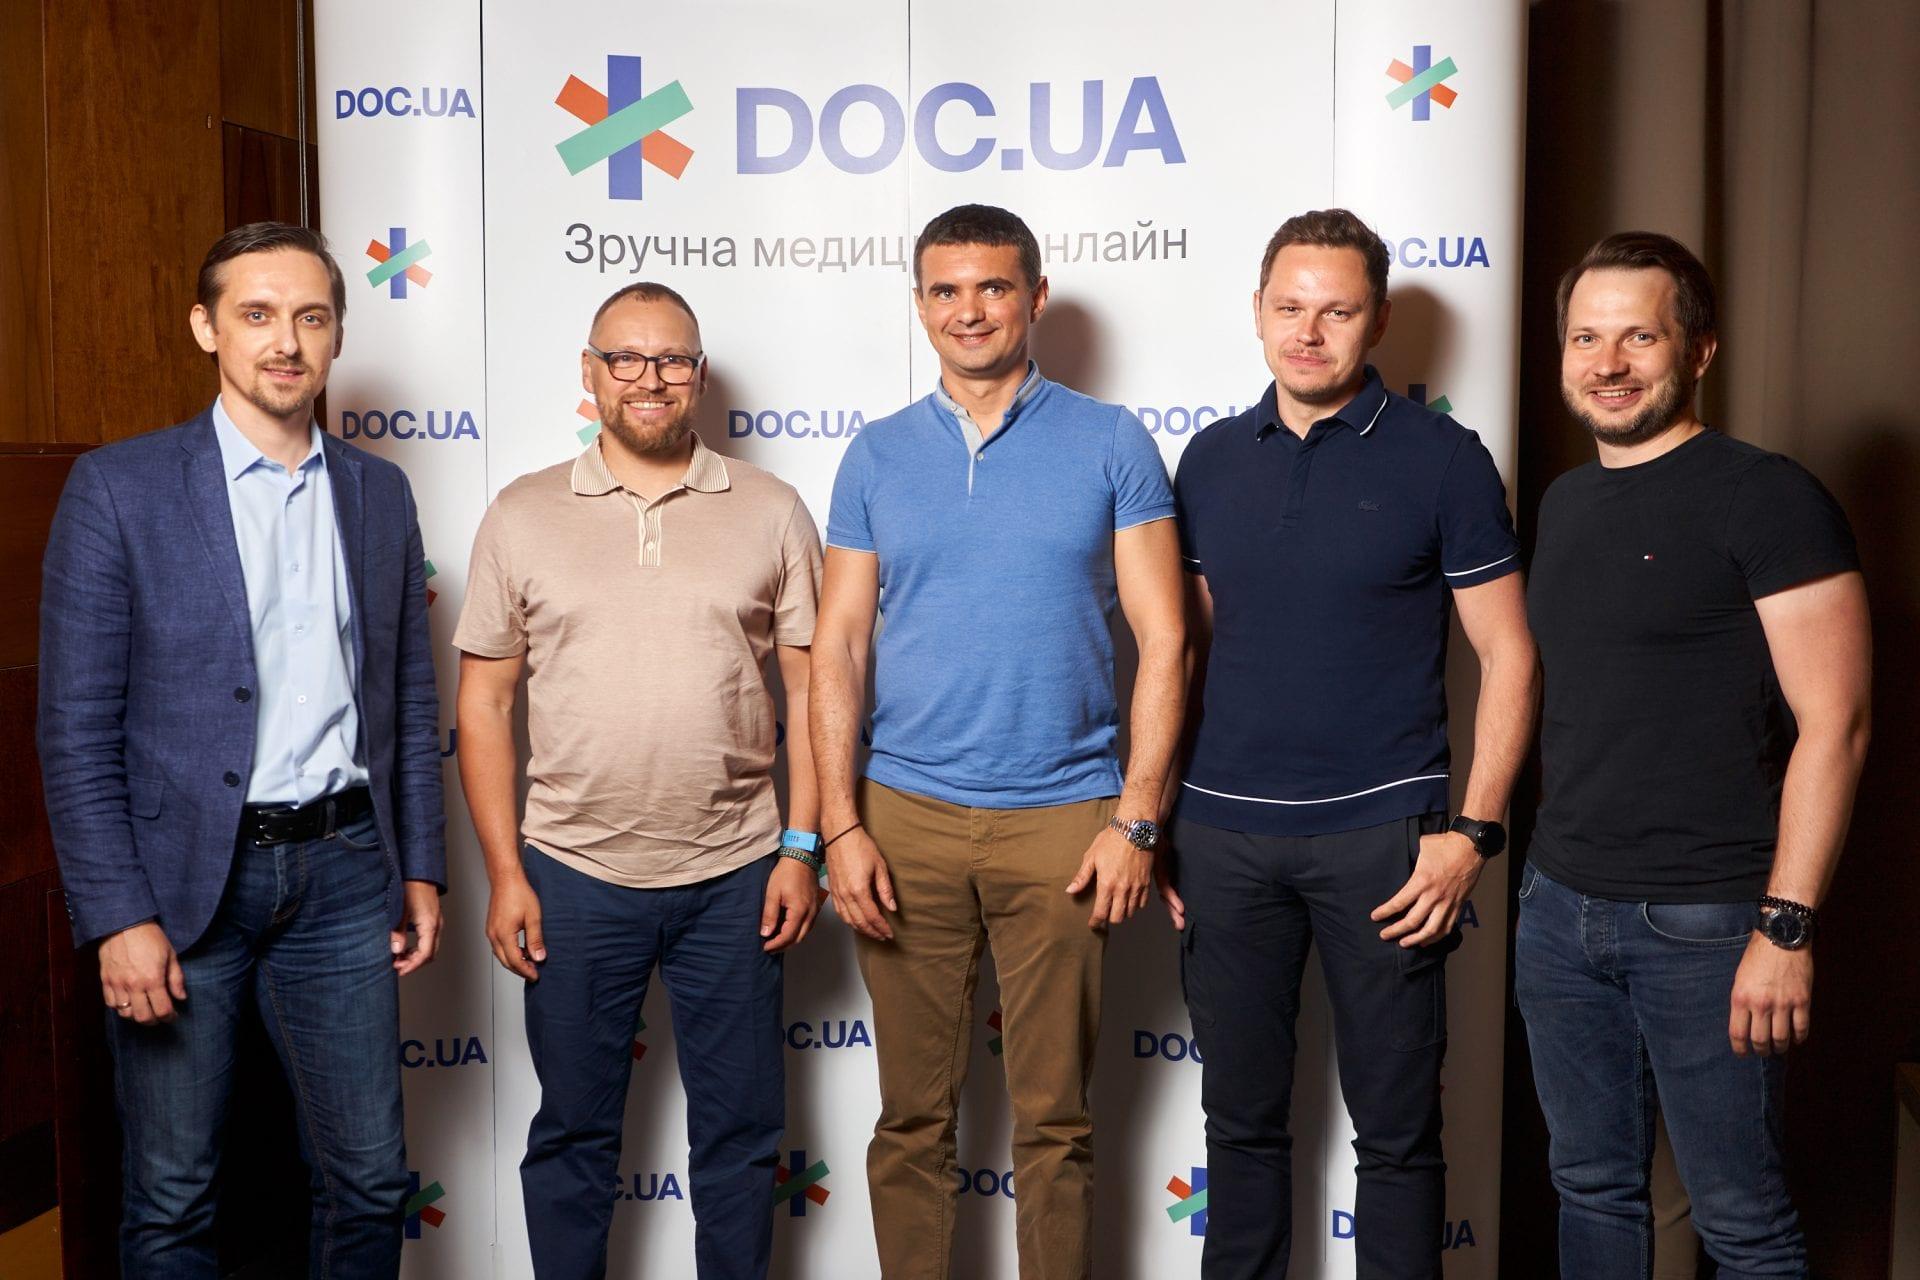 Усі медичні послуги в смартфоні: Fedoriv Agency презентували оновлений сервіс Doc.ua